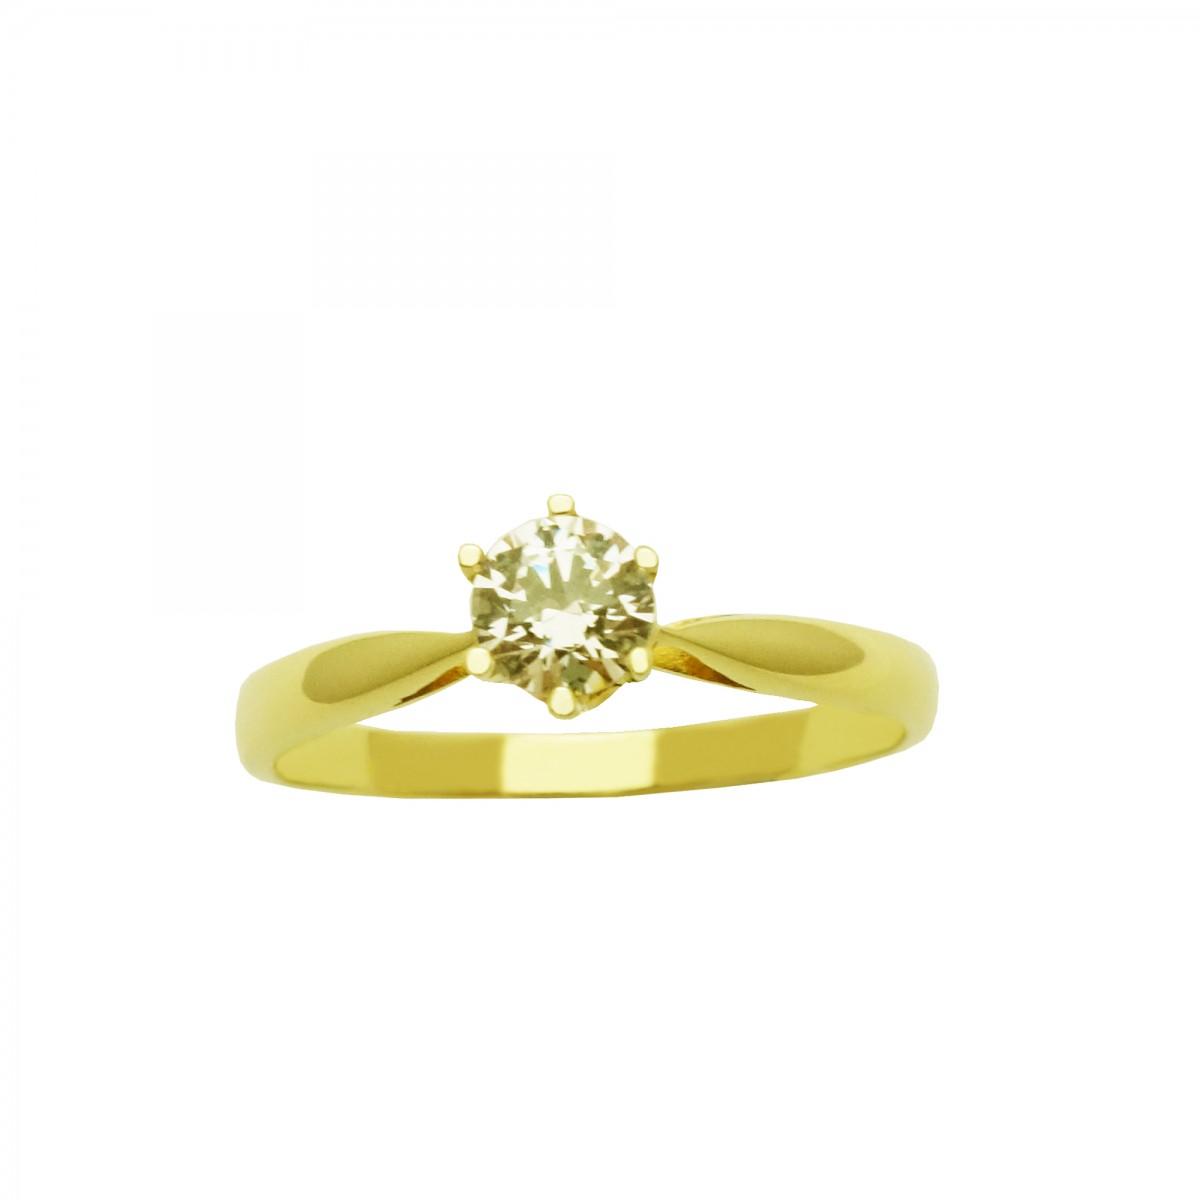 Μονόπετρο δαχτυλίδι χρυσό 18 καράτια με διαμάντι Μονόπετρο δαχτυλίδι χρυσό  18 καράτια με διαμάντι 93826561b52